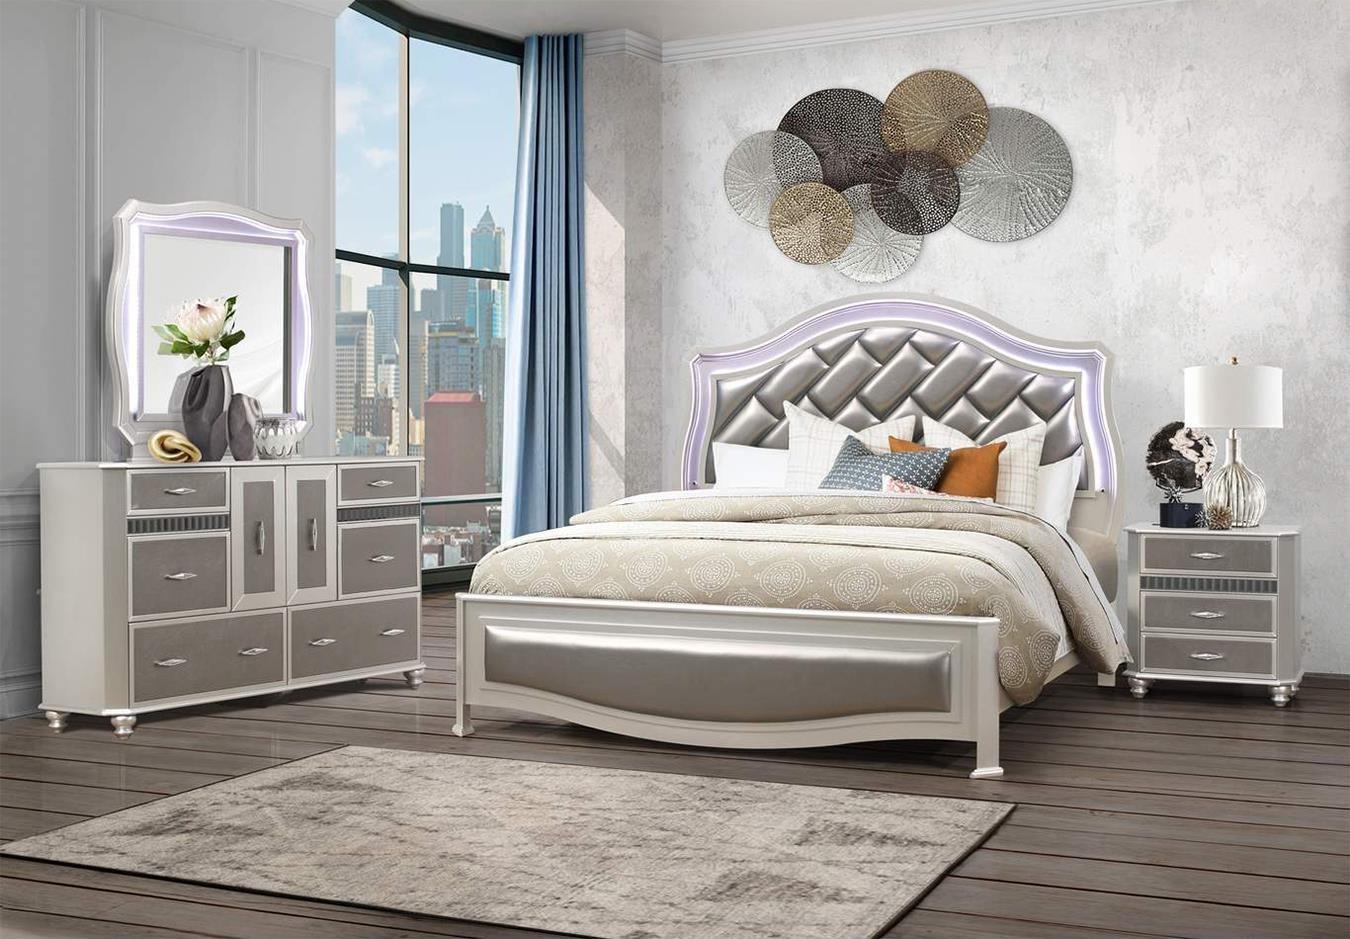 Remmington 4PC Queen Bedroom Set at Rotmans